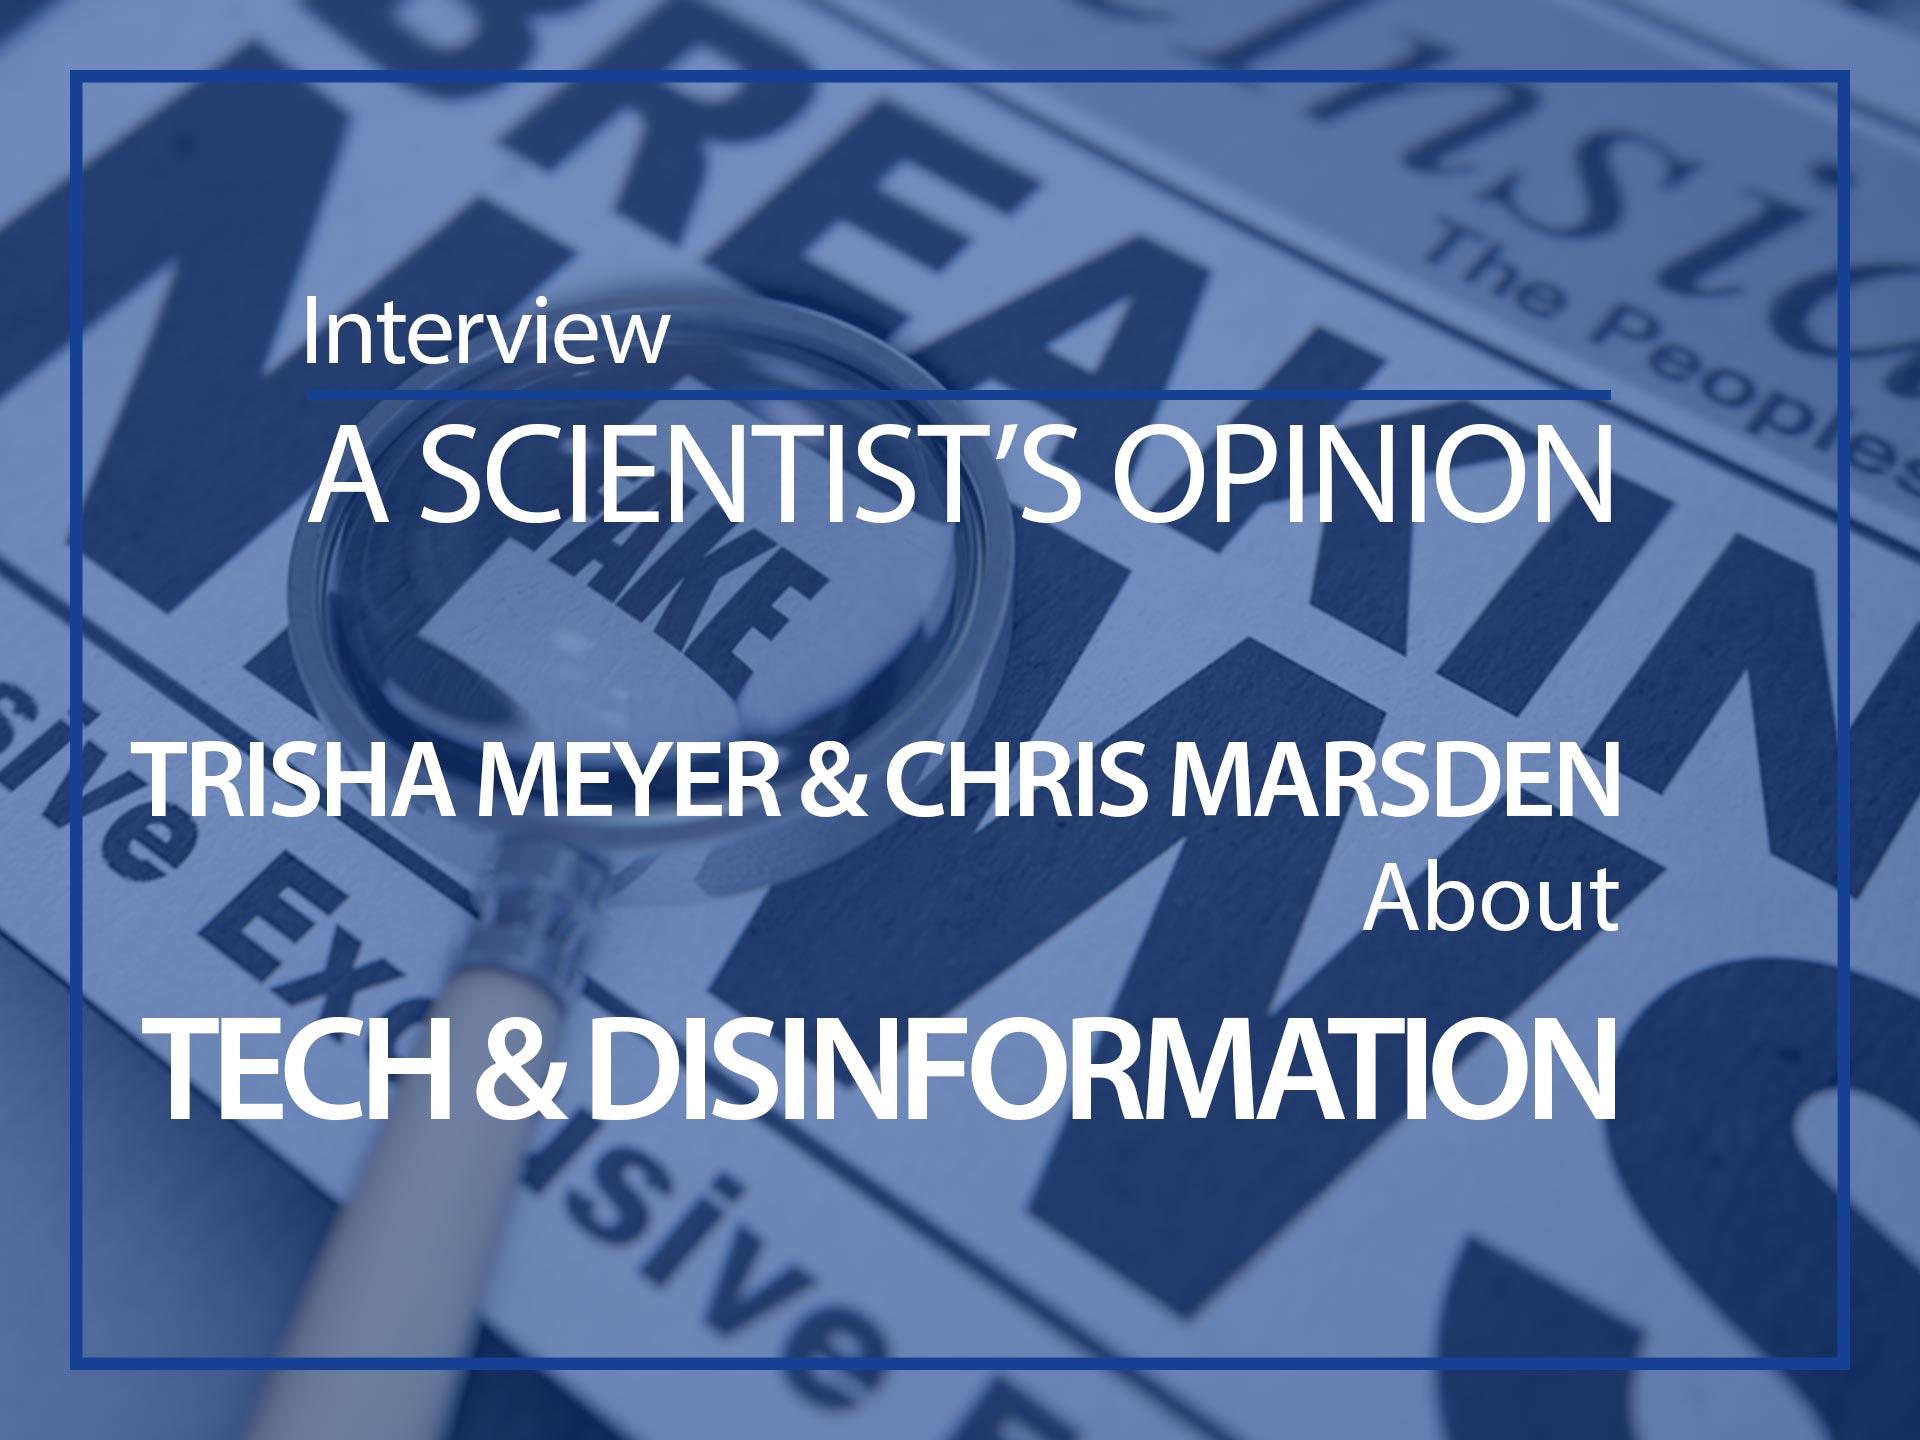 A scientist opinion, Trisha Meyer & Chris Marsden, an ESMH interview